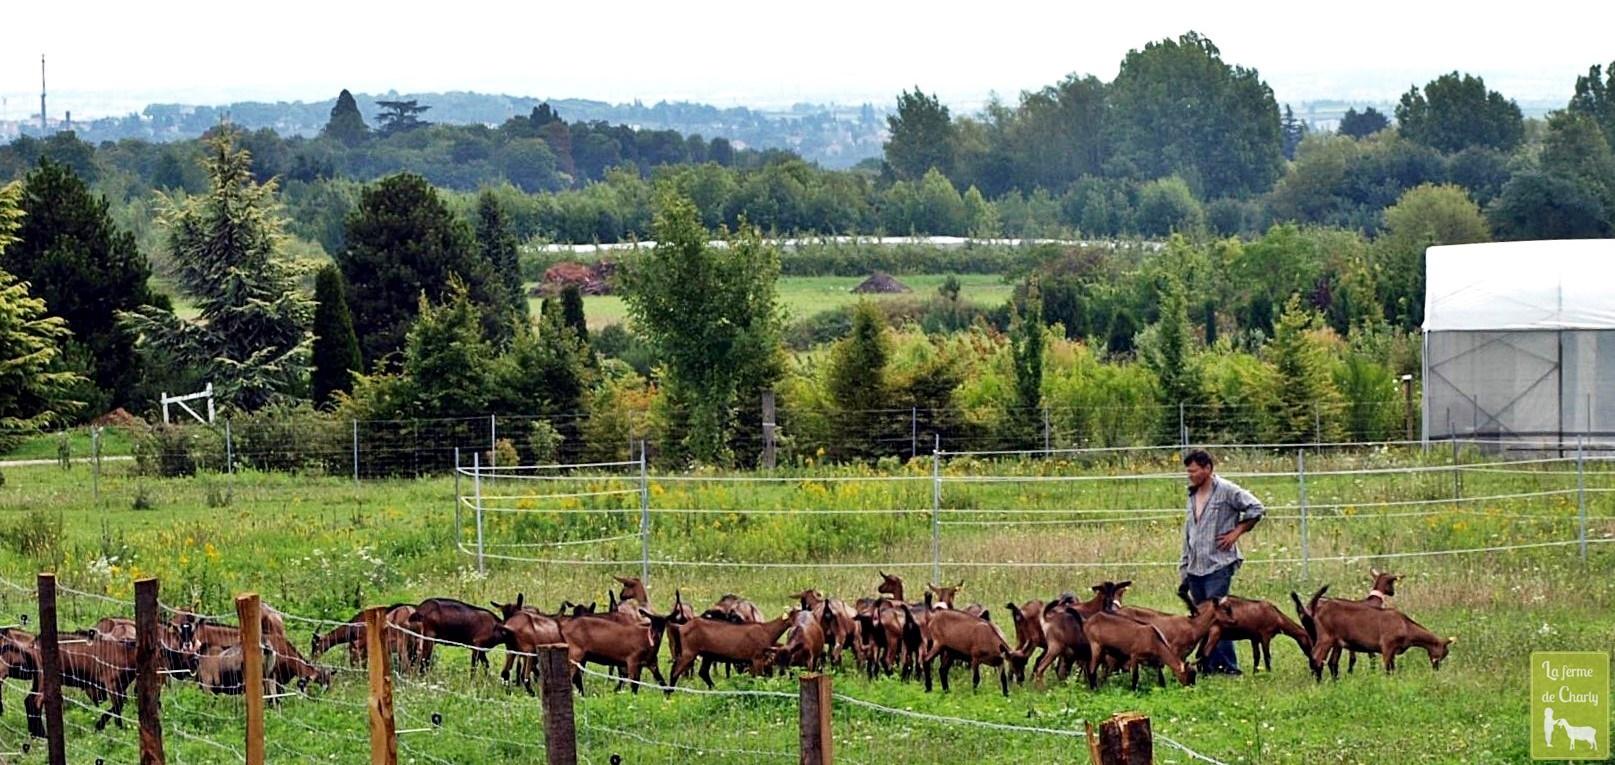 Après une bonne nuit de sommeil et la traite, nos chèvres vont brouter leur prairie, ici accompagnée de Thierry.